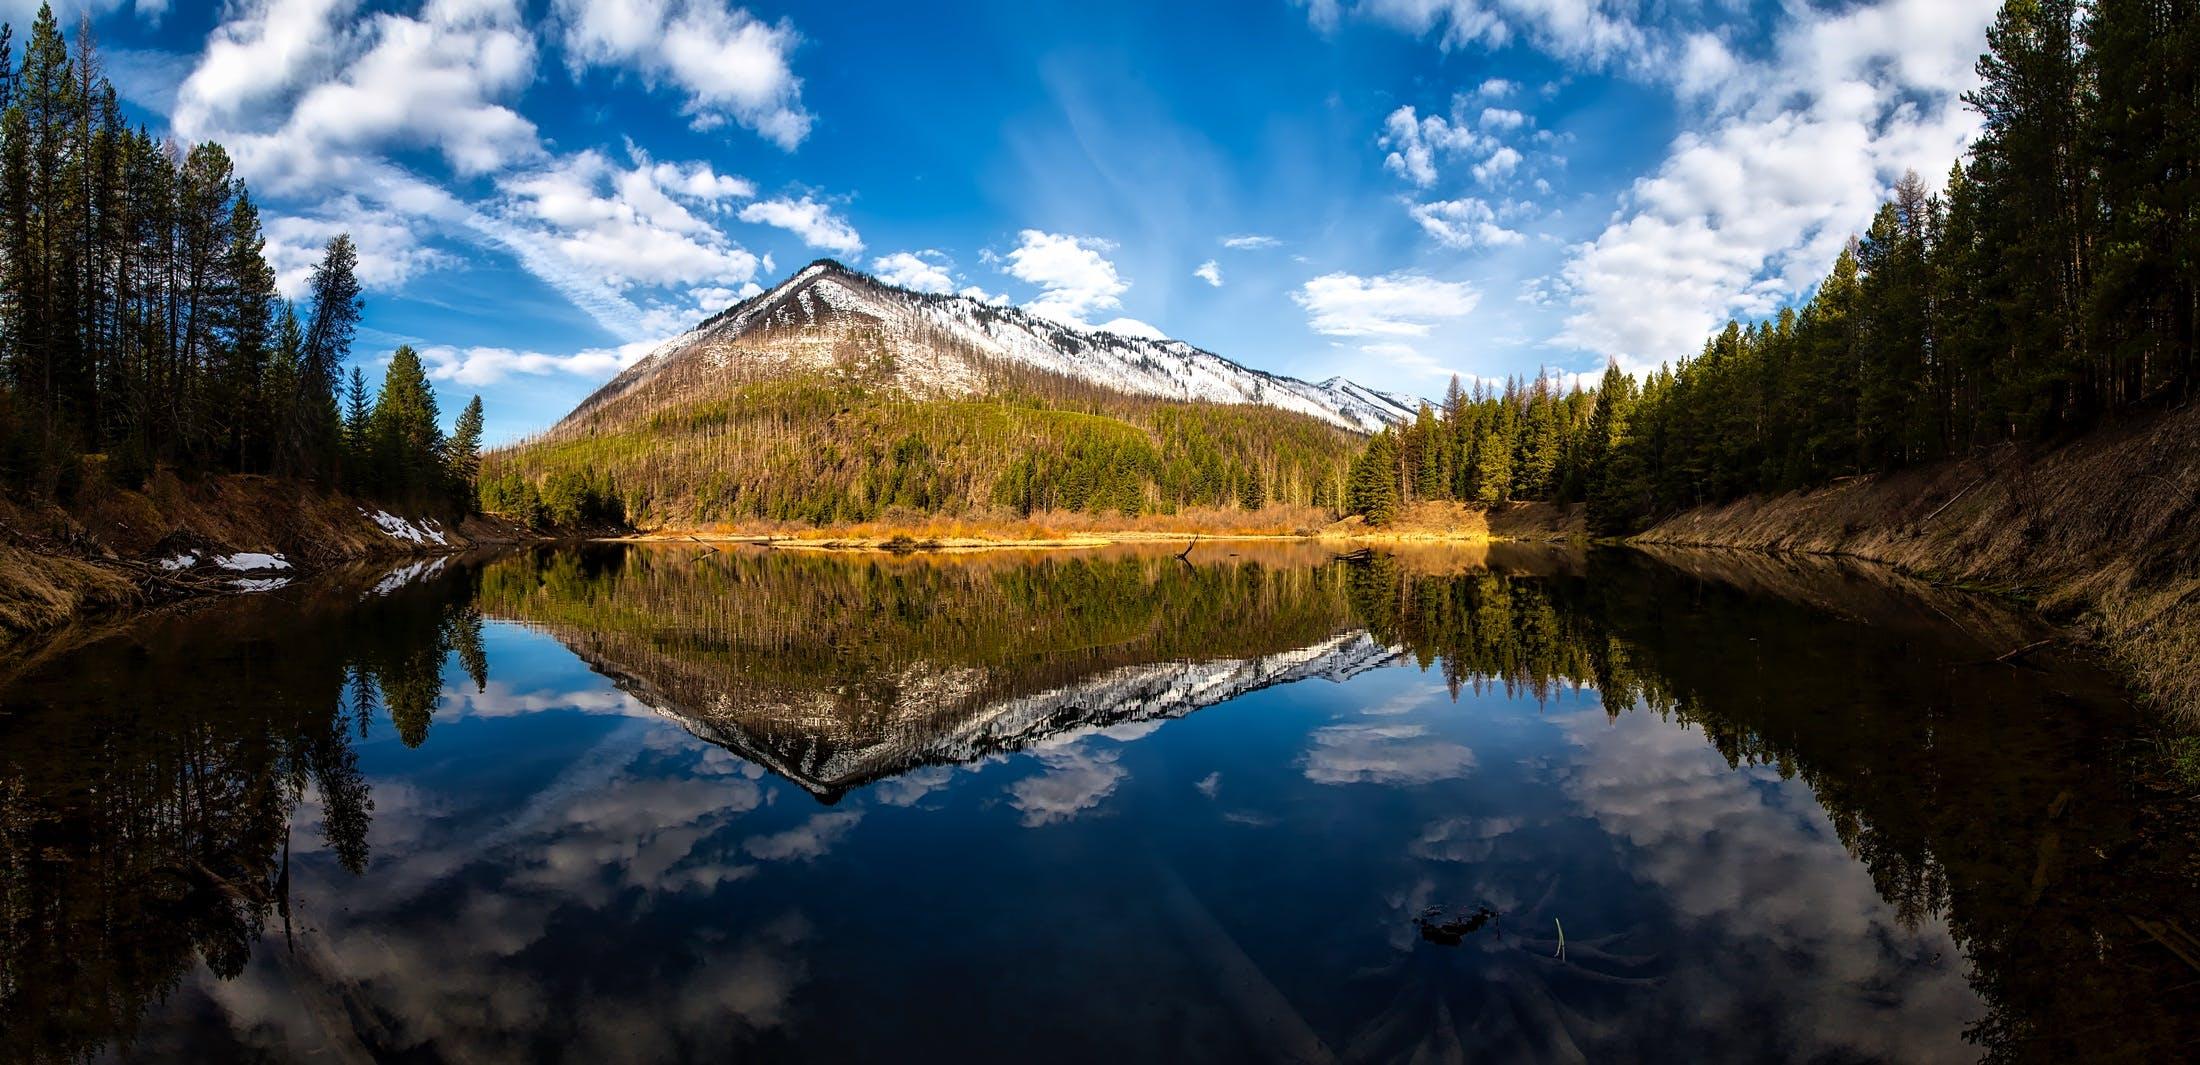 відображення, вода, гора